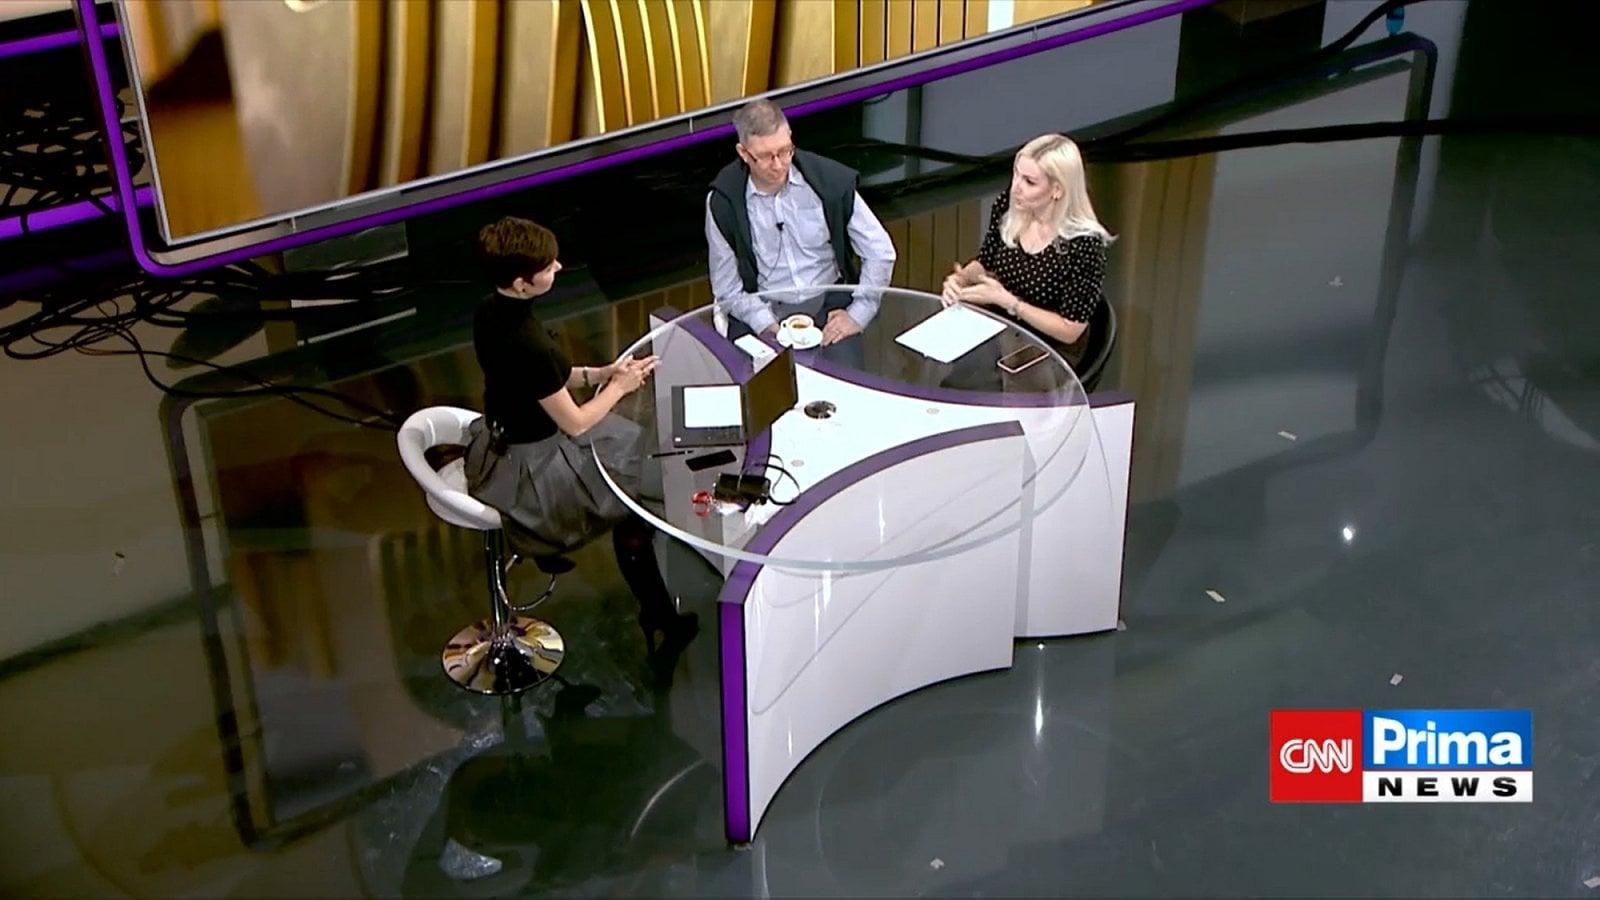 Markéta Fialová, CNN Prima News